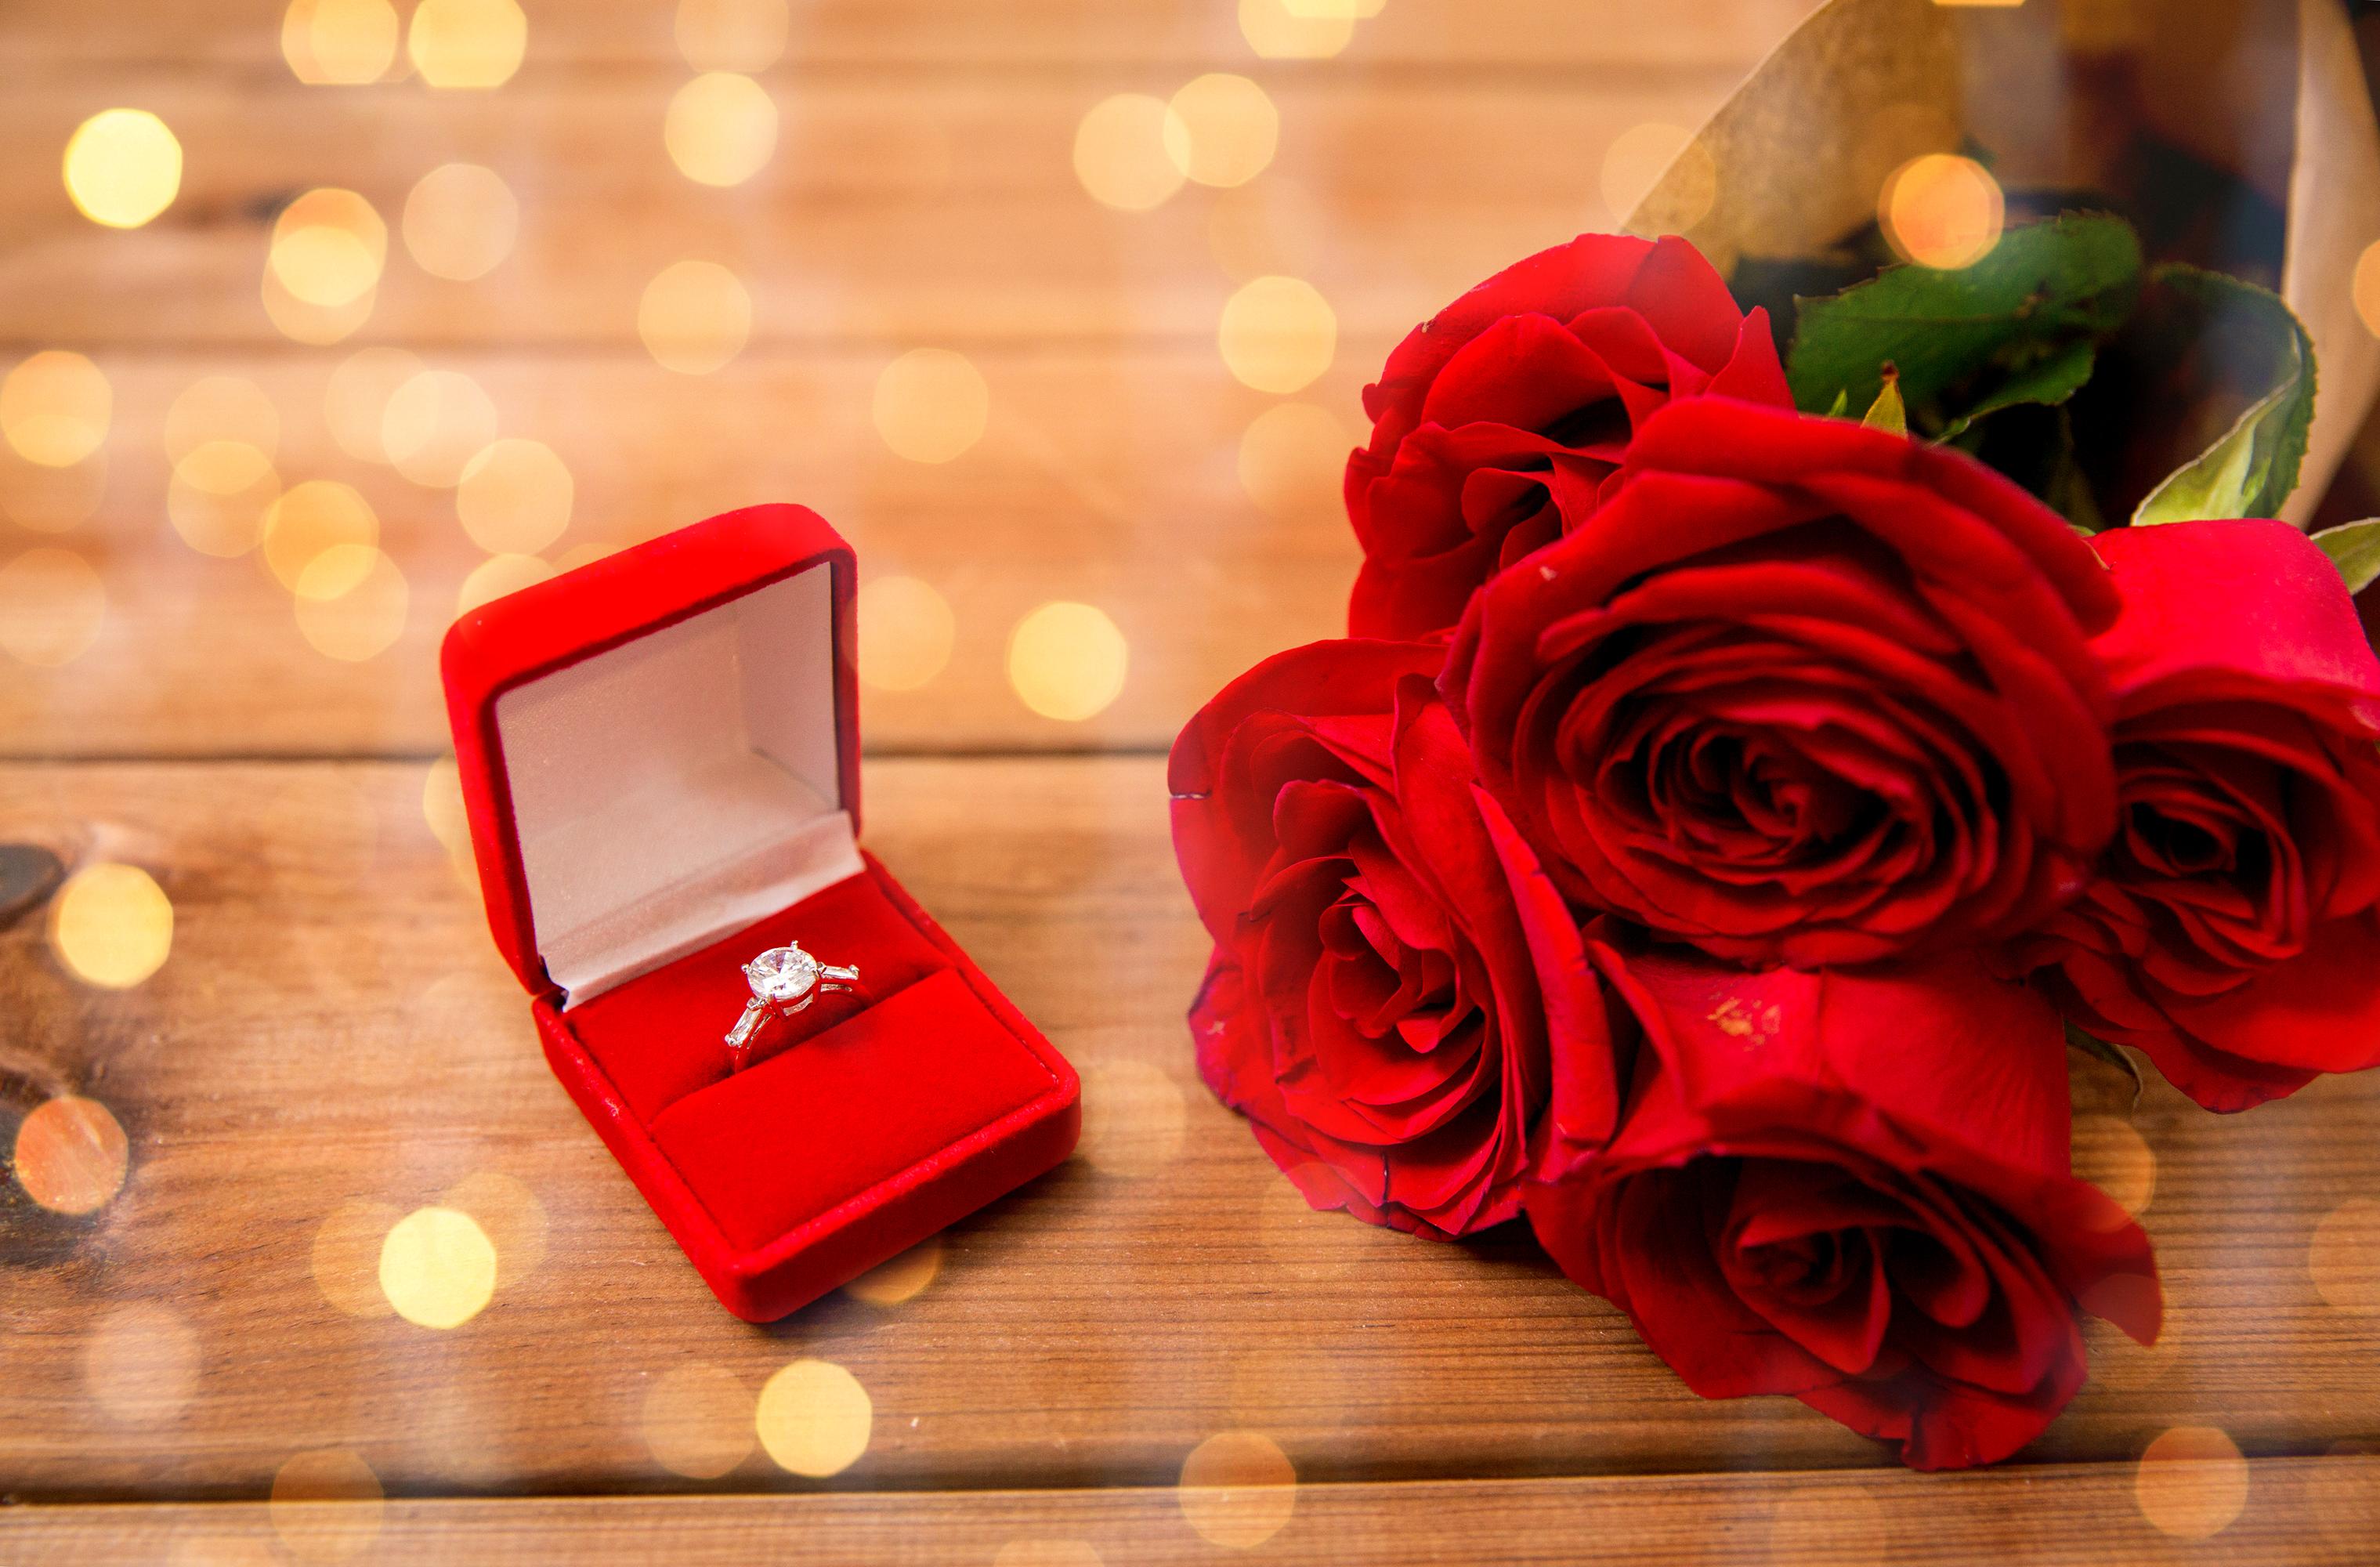 Кольцо в коробке с цветами